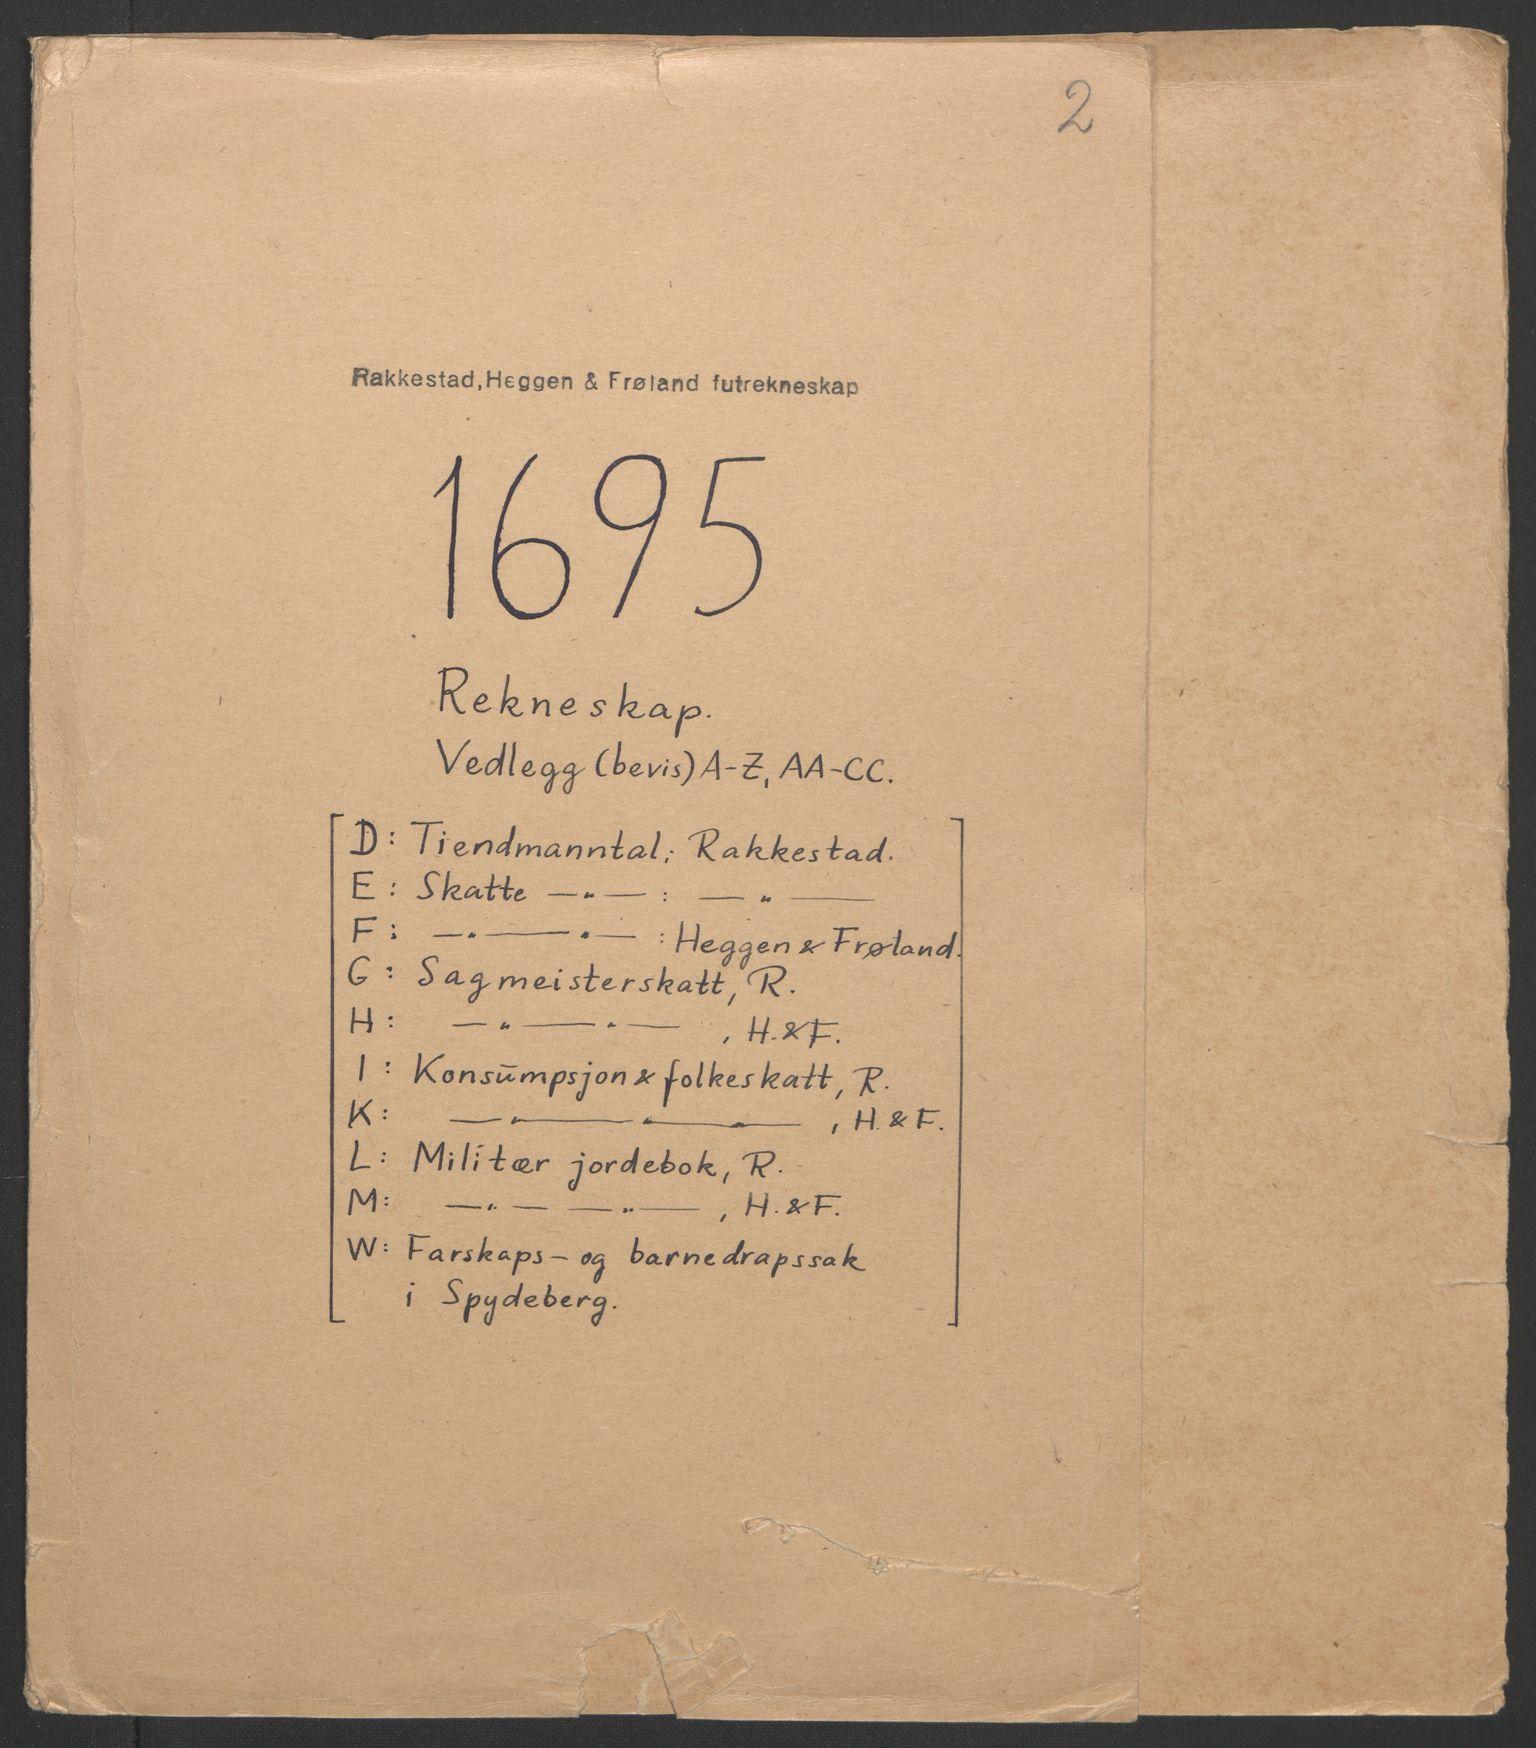 RA, Rentekammeret inntil 1814, Reviderte regnskaper, Fogderegnskap, R07/L0285: Fogderegnskap Rakkestad, Heggen og Frøland, 1695, s. 3